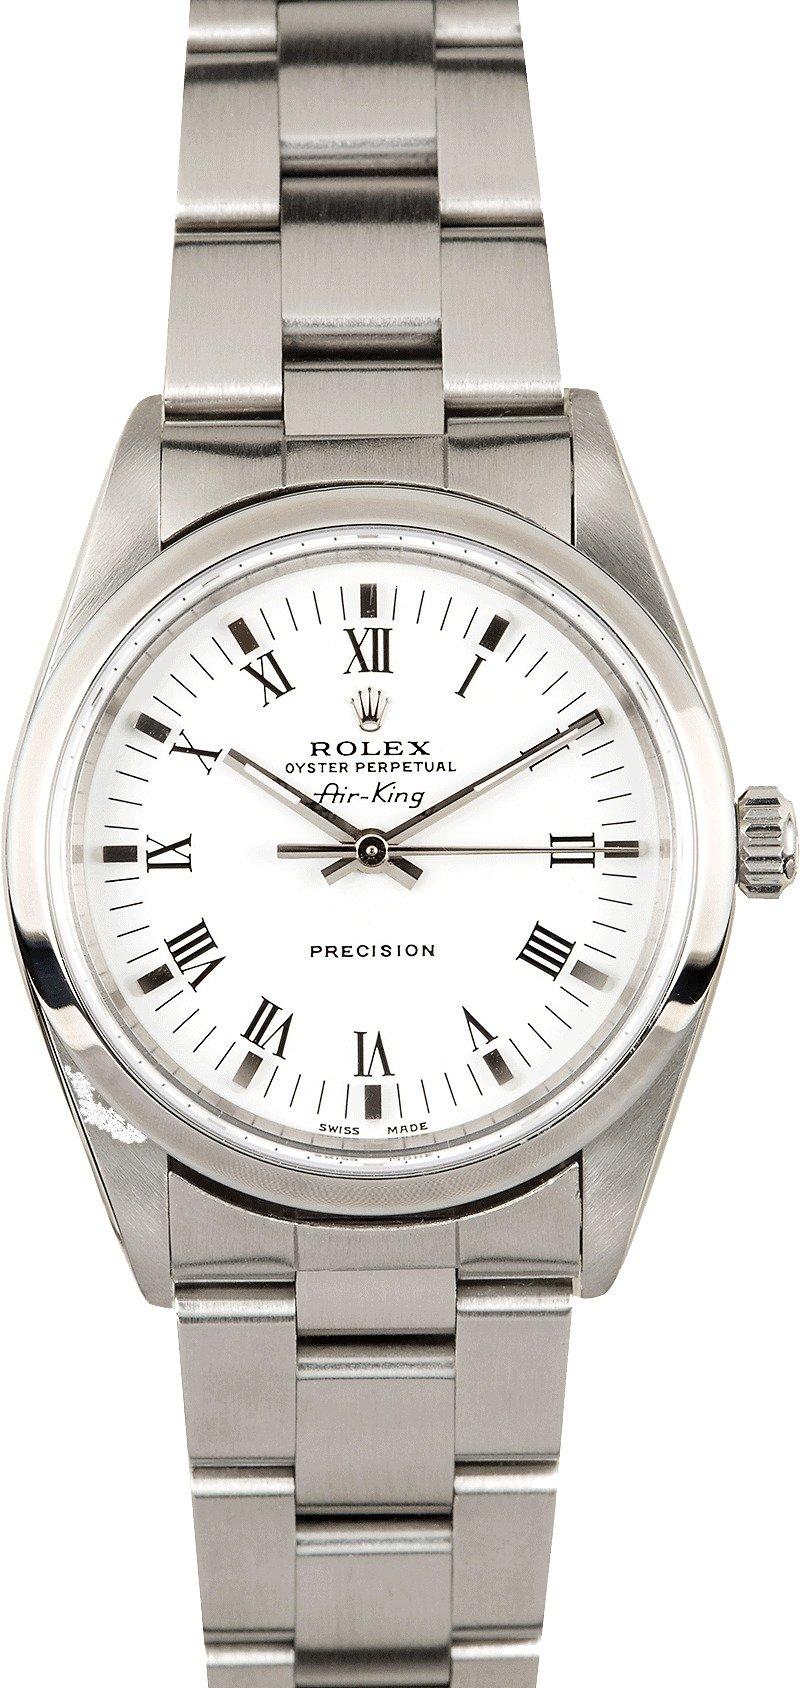 Air King Rolex 14000 White Roman Dial